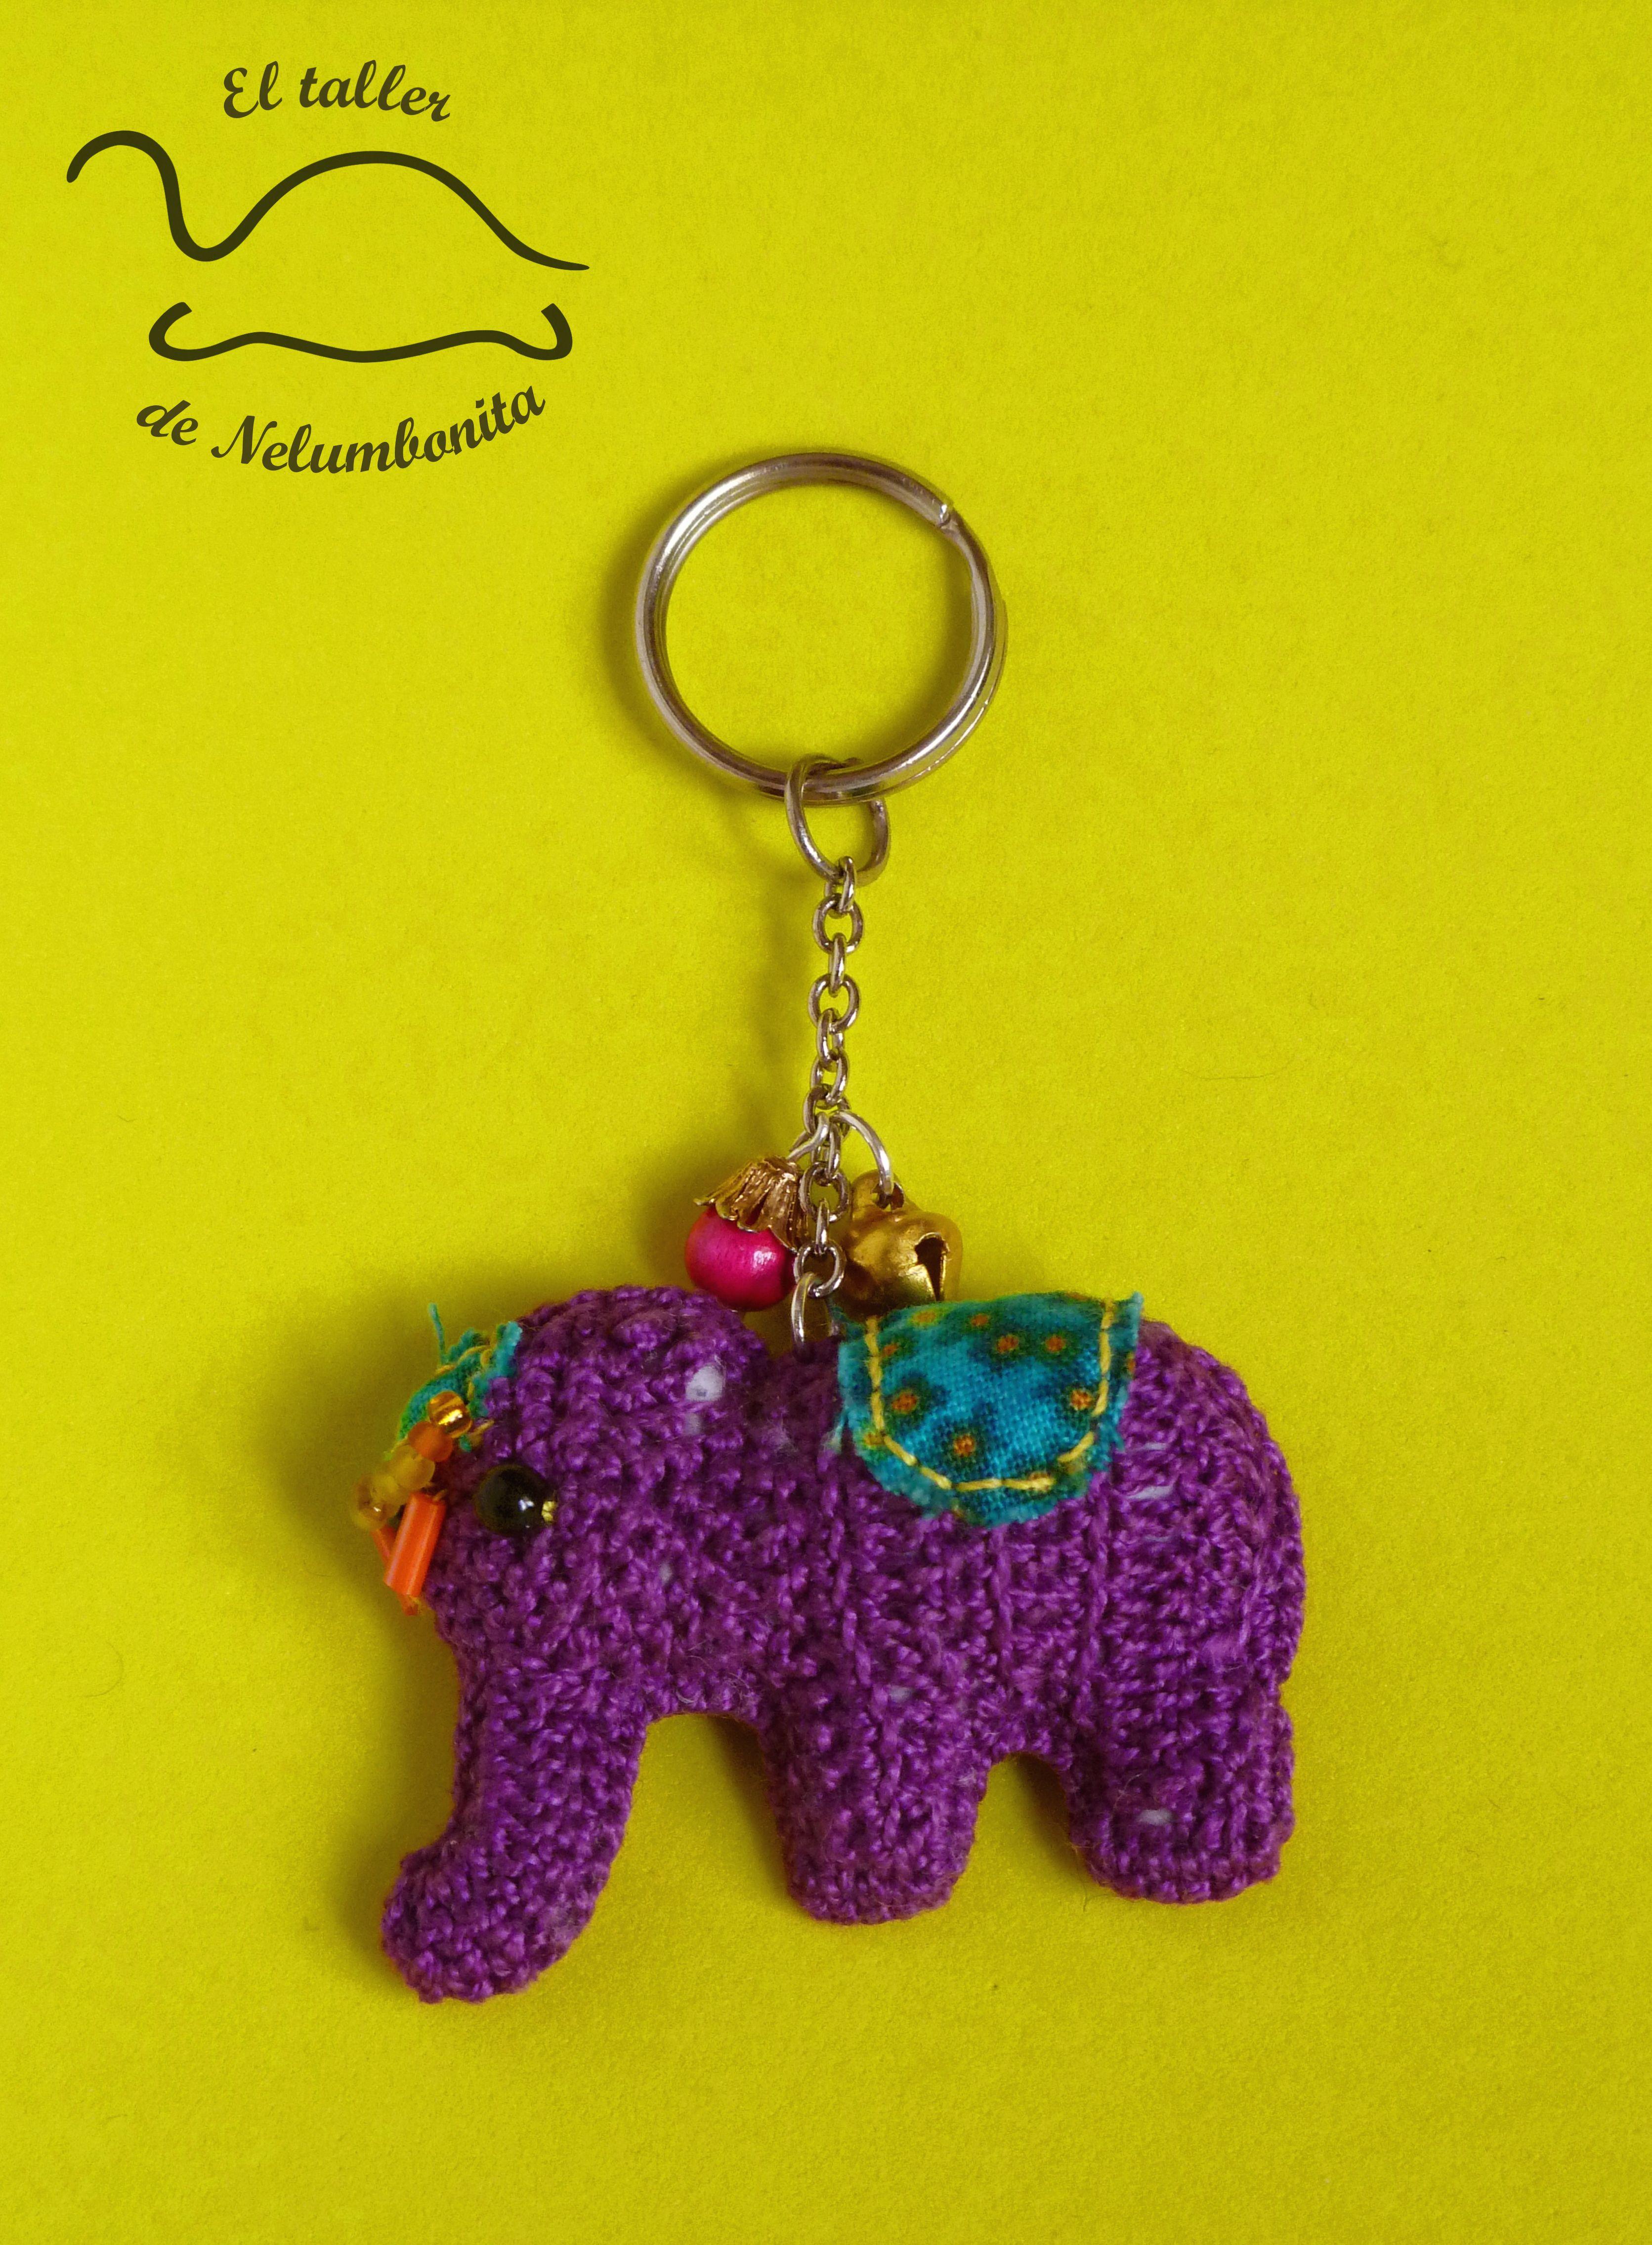 Llavero de elefante   Patrón Gratis   Pinterest   Crochet, Amigurumi ...